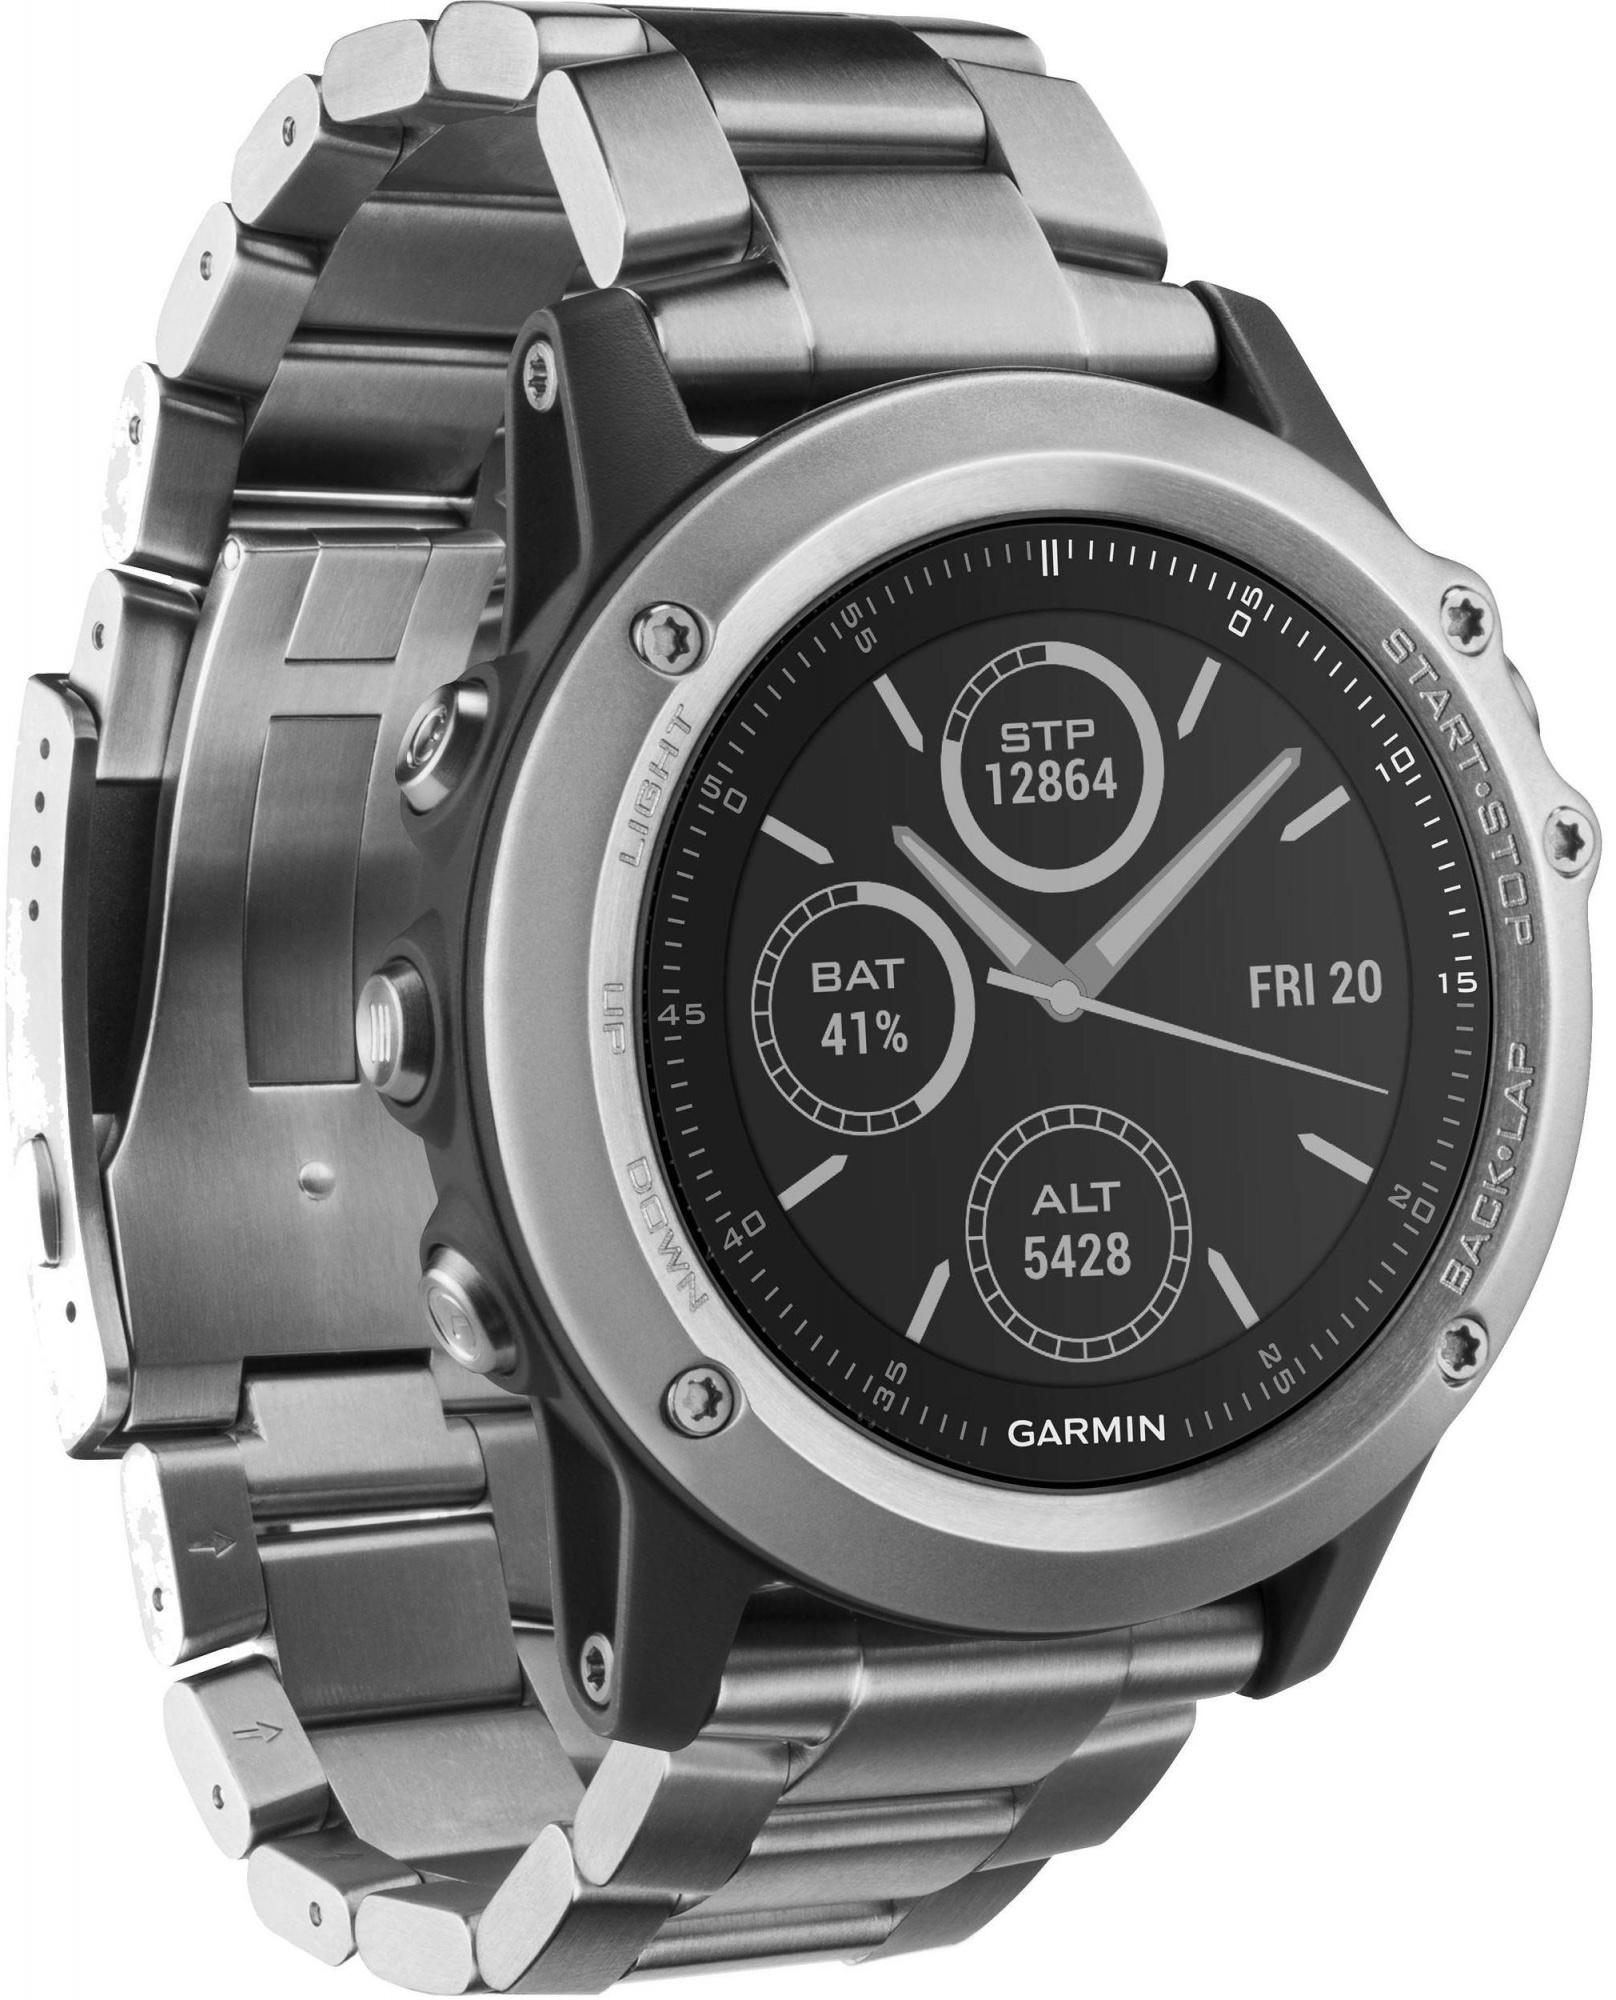 Спортивные часы Garmin Fenix 3 HR 010-01338-79 (Silver/Titanium)